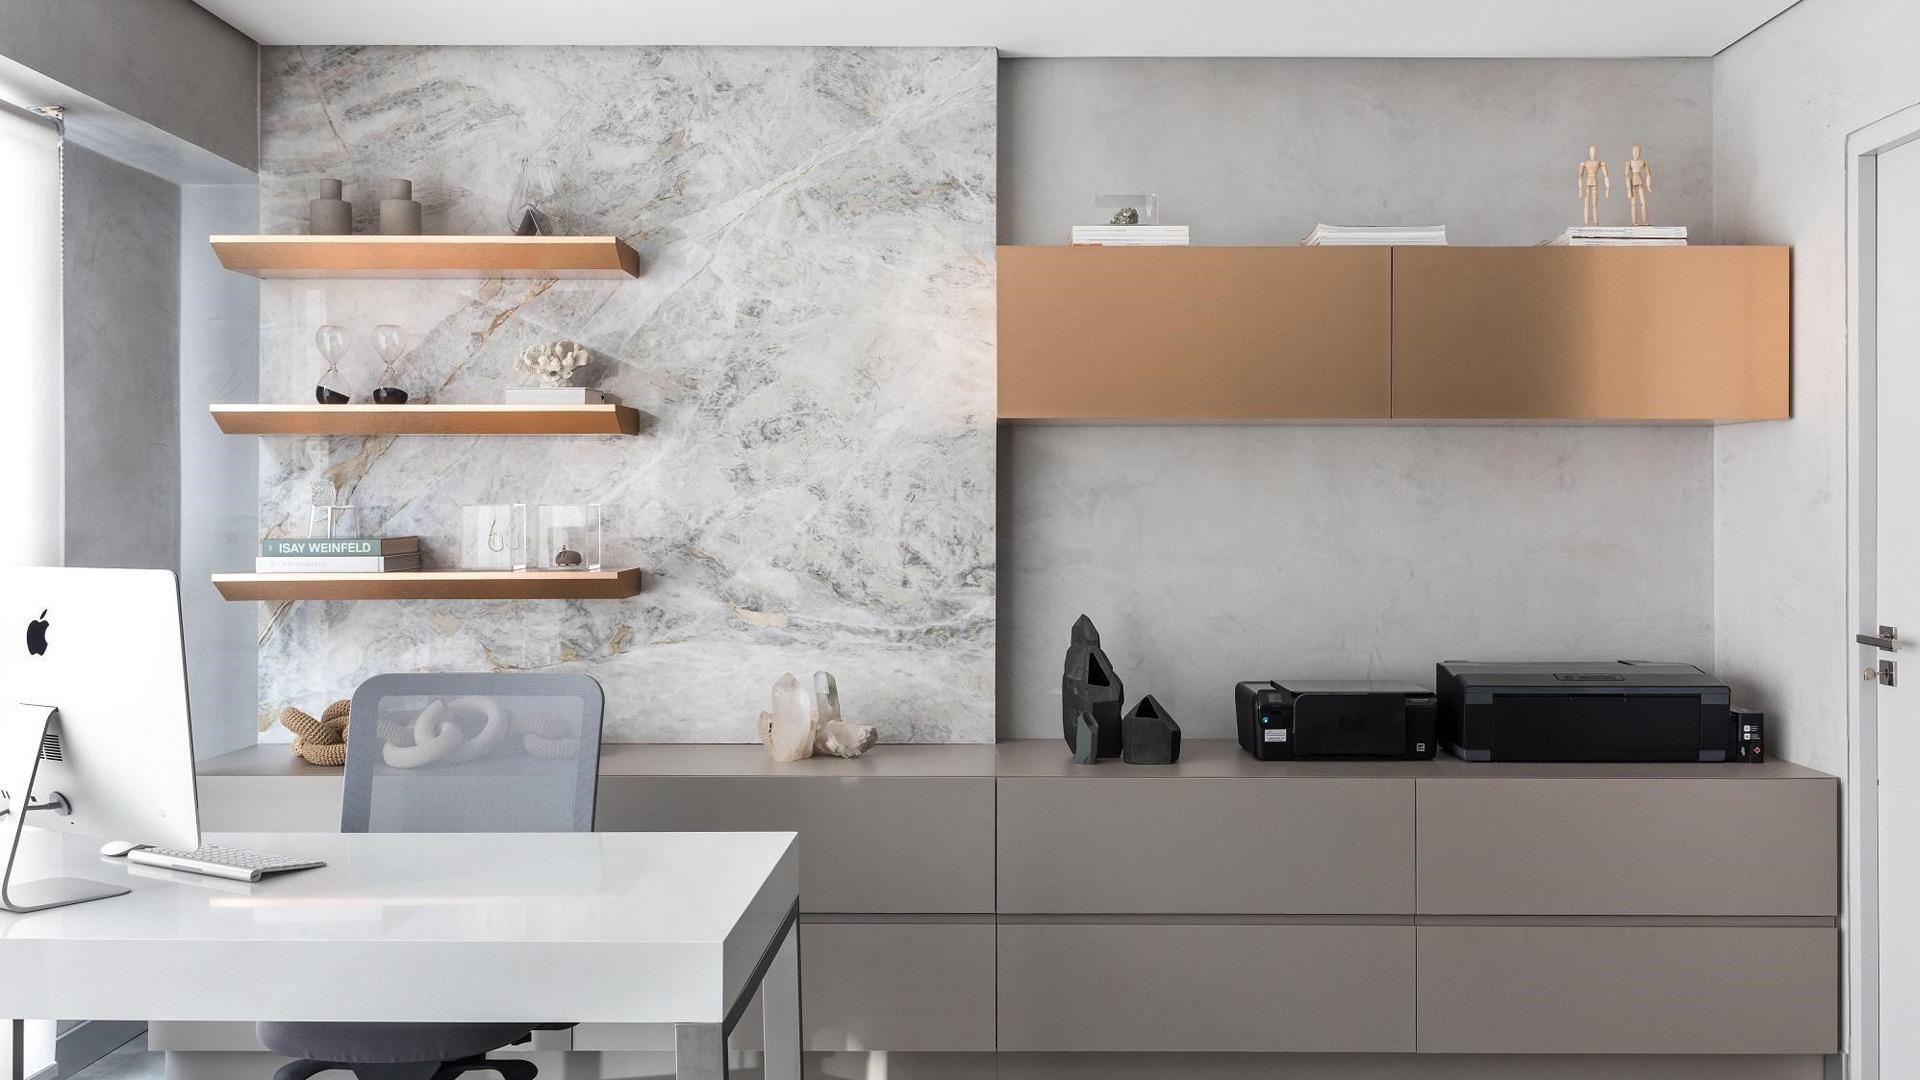 Ambiente montado pela FS Arquitetura, com o material Monte Vitta, beneficiado pelo PR Grupo Paraná.